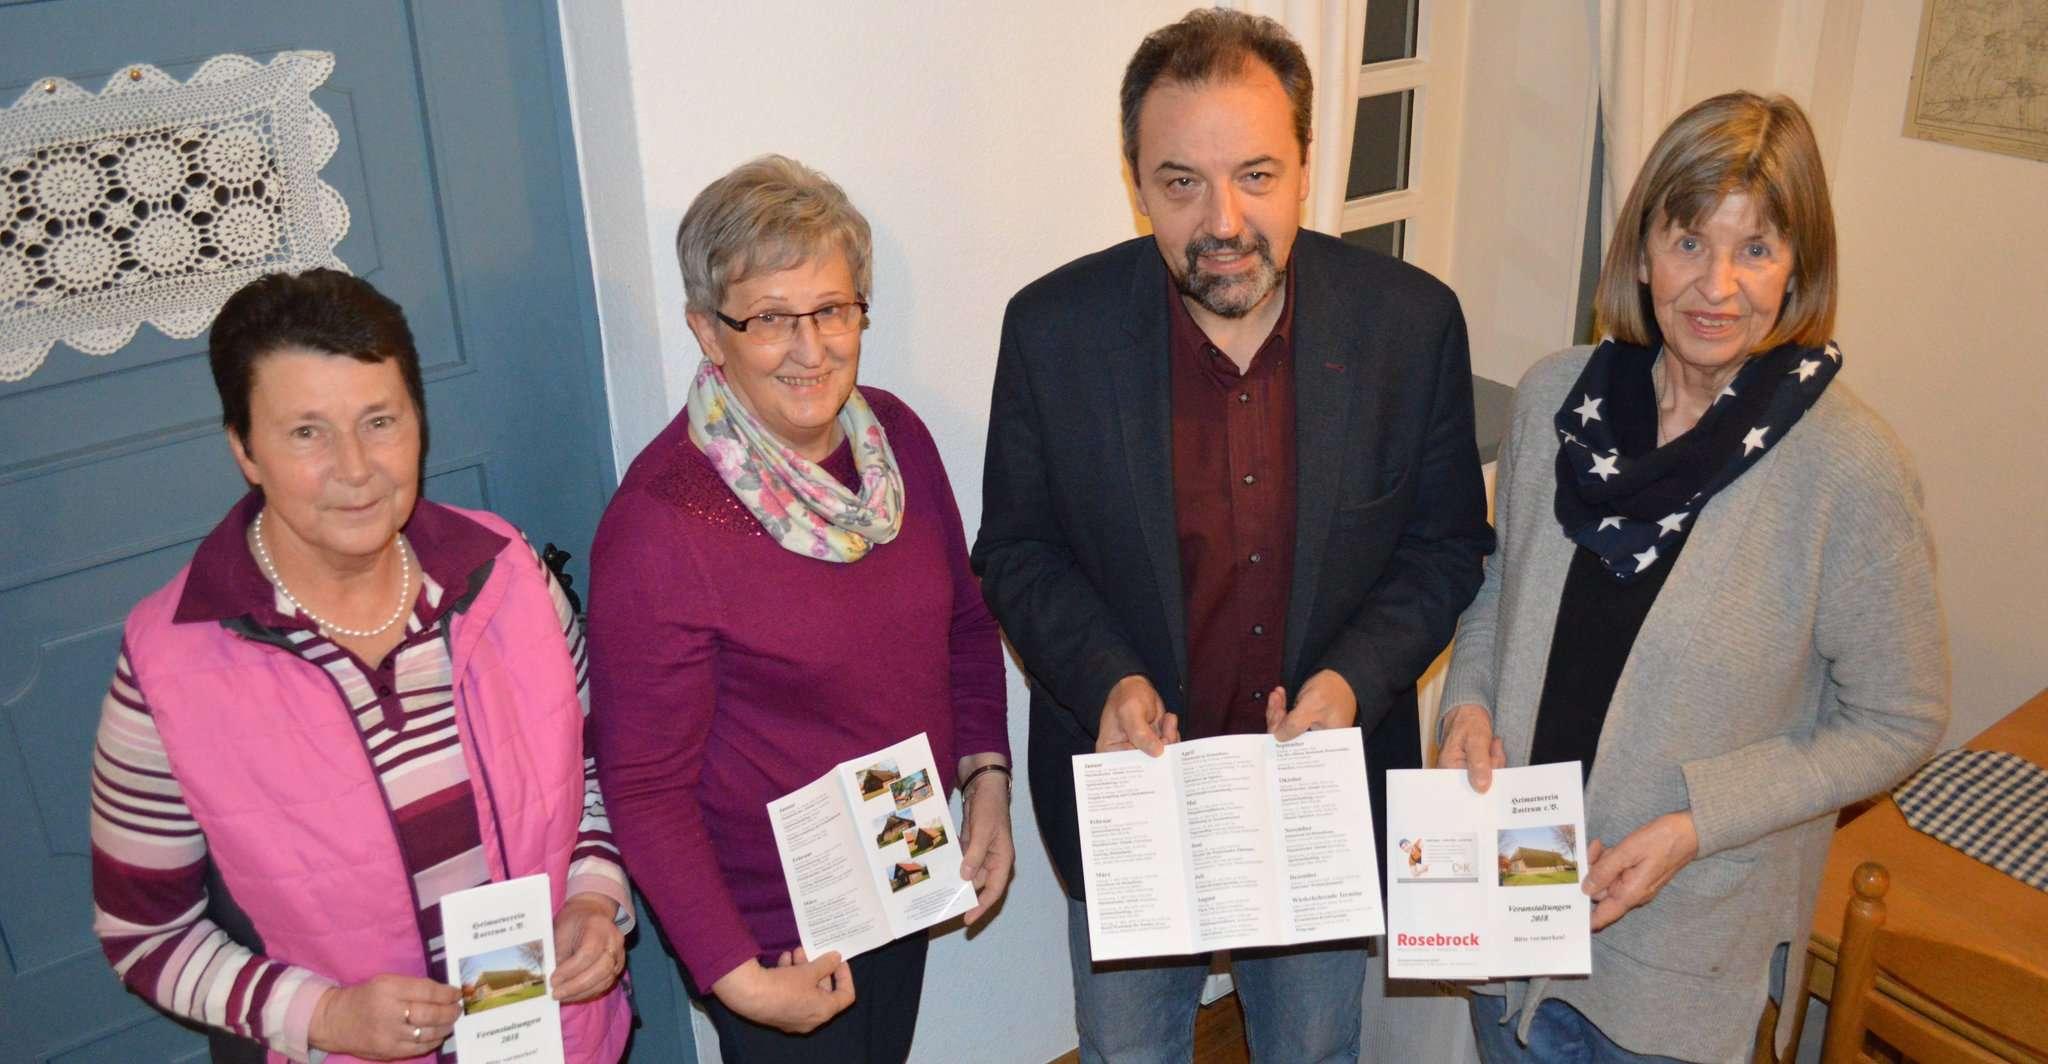 Ein Jahr auf einer DIN-A4-Seite: Ingrid Böhling (von links), Magret Humberg, Hans-Jürgen Krahn und Hanna Hildebrandt vom Heimatverein stellen das Veranstaltungsprogramm für das angebrochene Jahr vor.